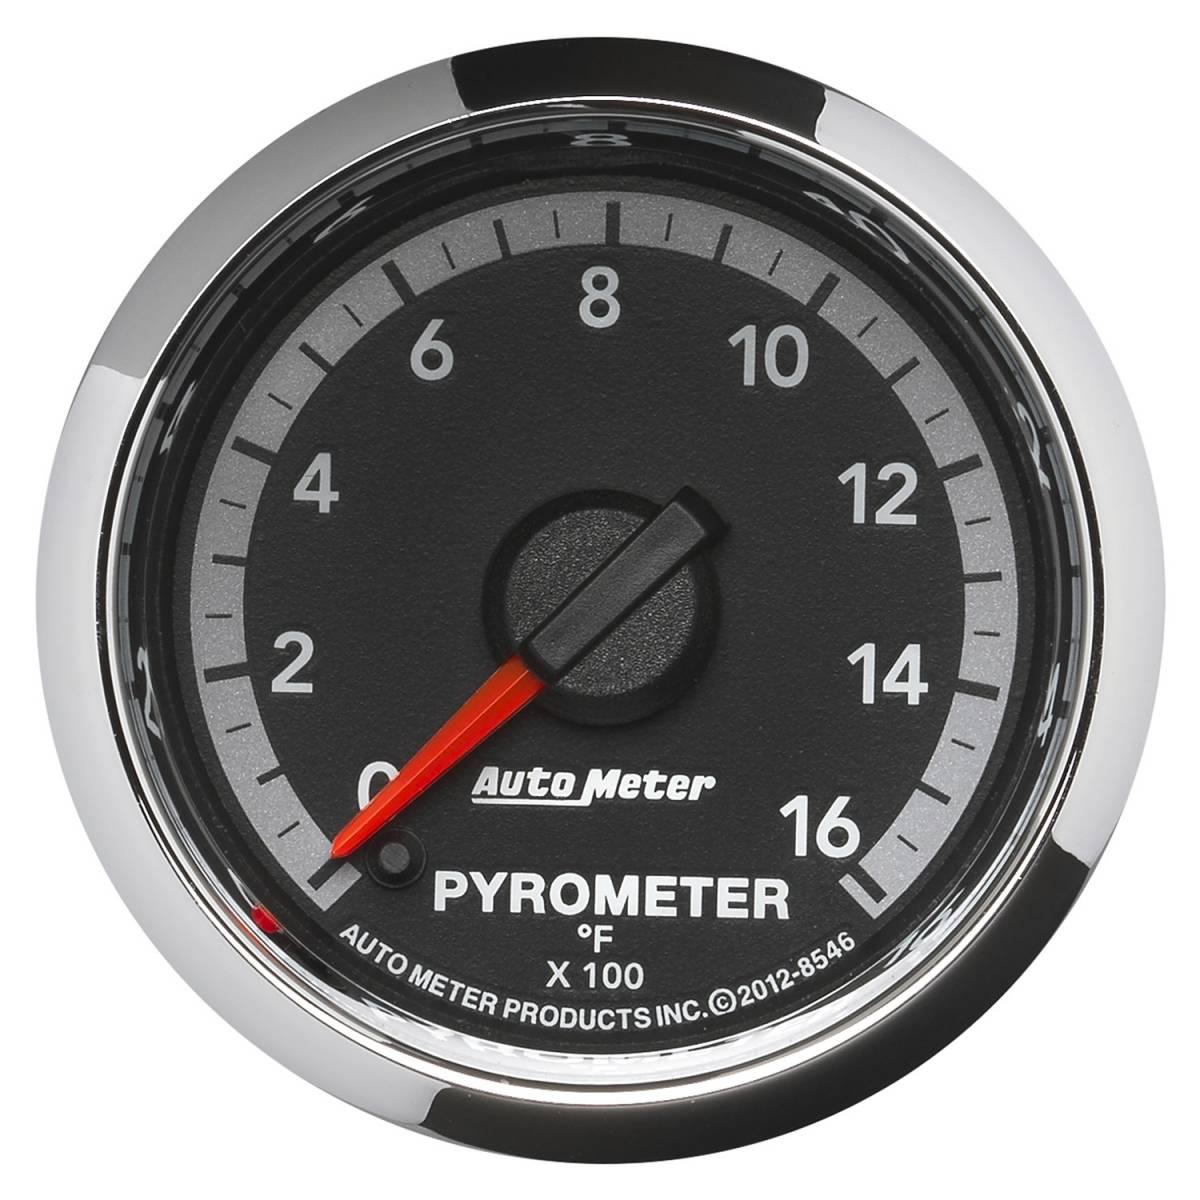 autometer 8546 gauge pyro egt 2 1 16in 1600deg f. Black Bedroom Furniture Sets. Home Design Ideas